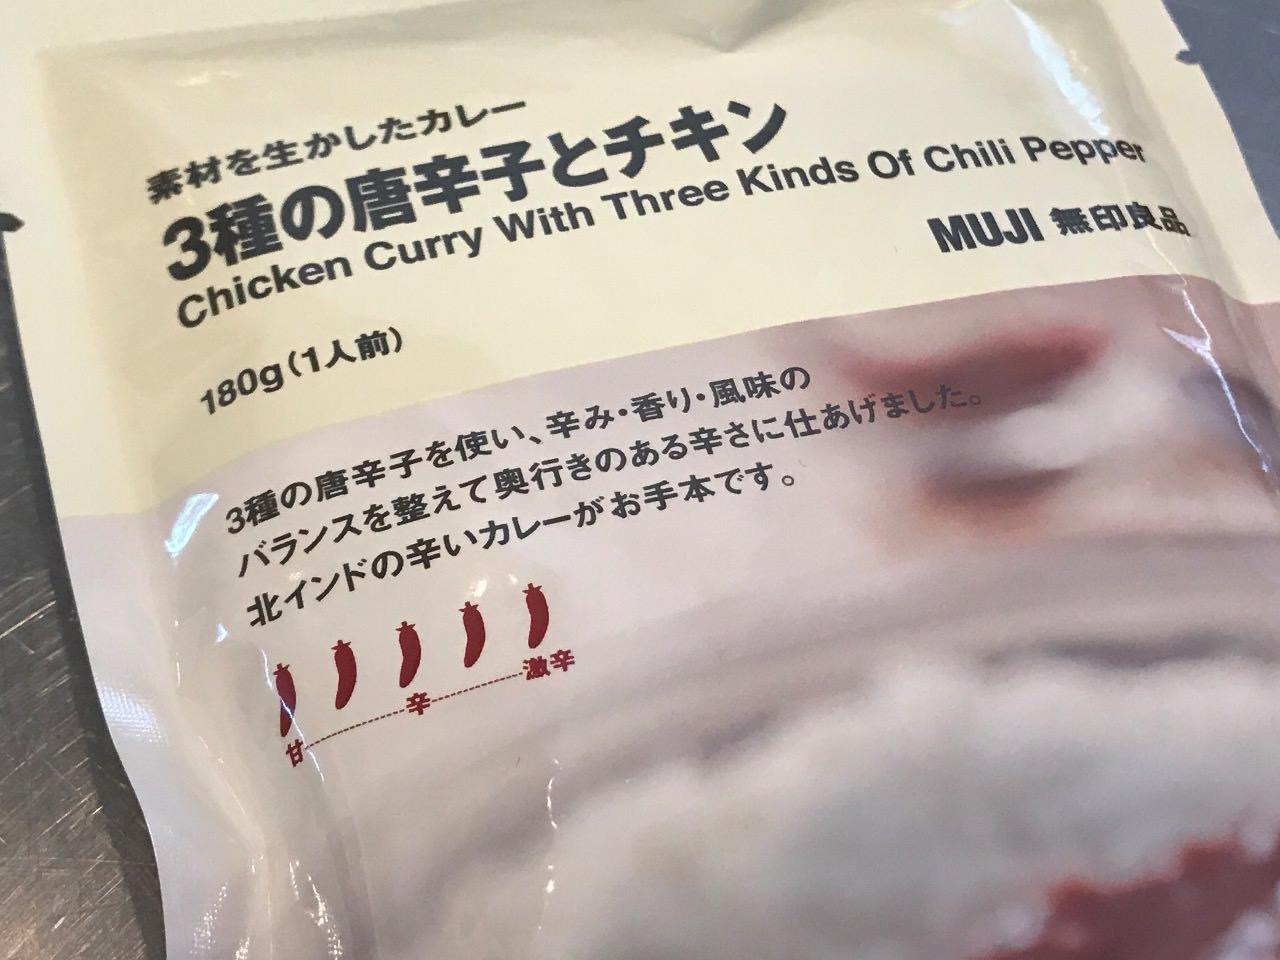 無印良品 3種の唐辛子とチキン 激辛カレー 03